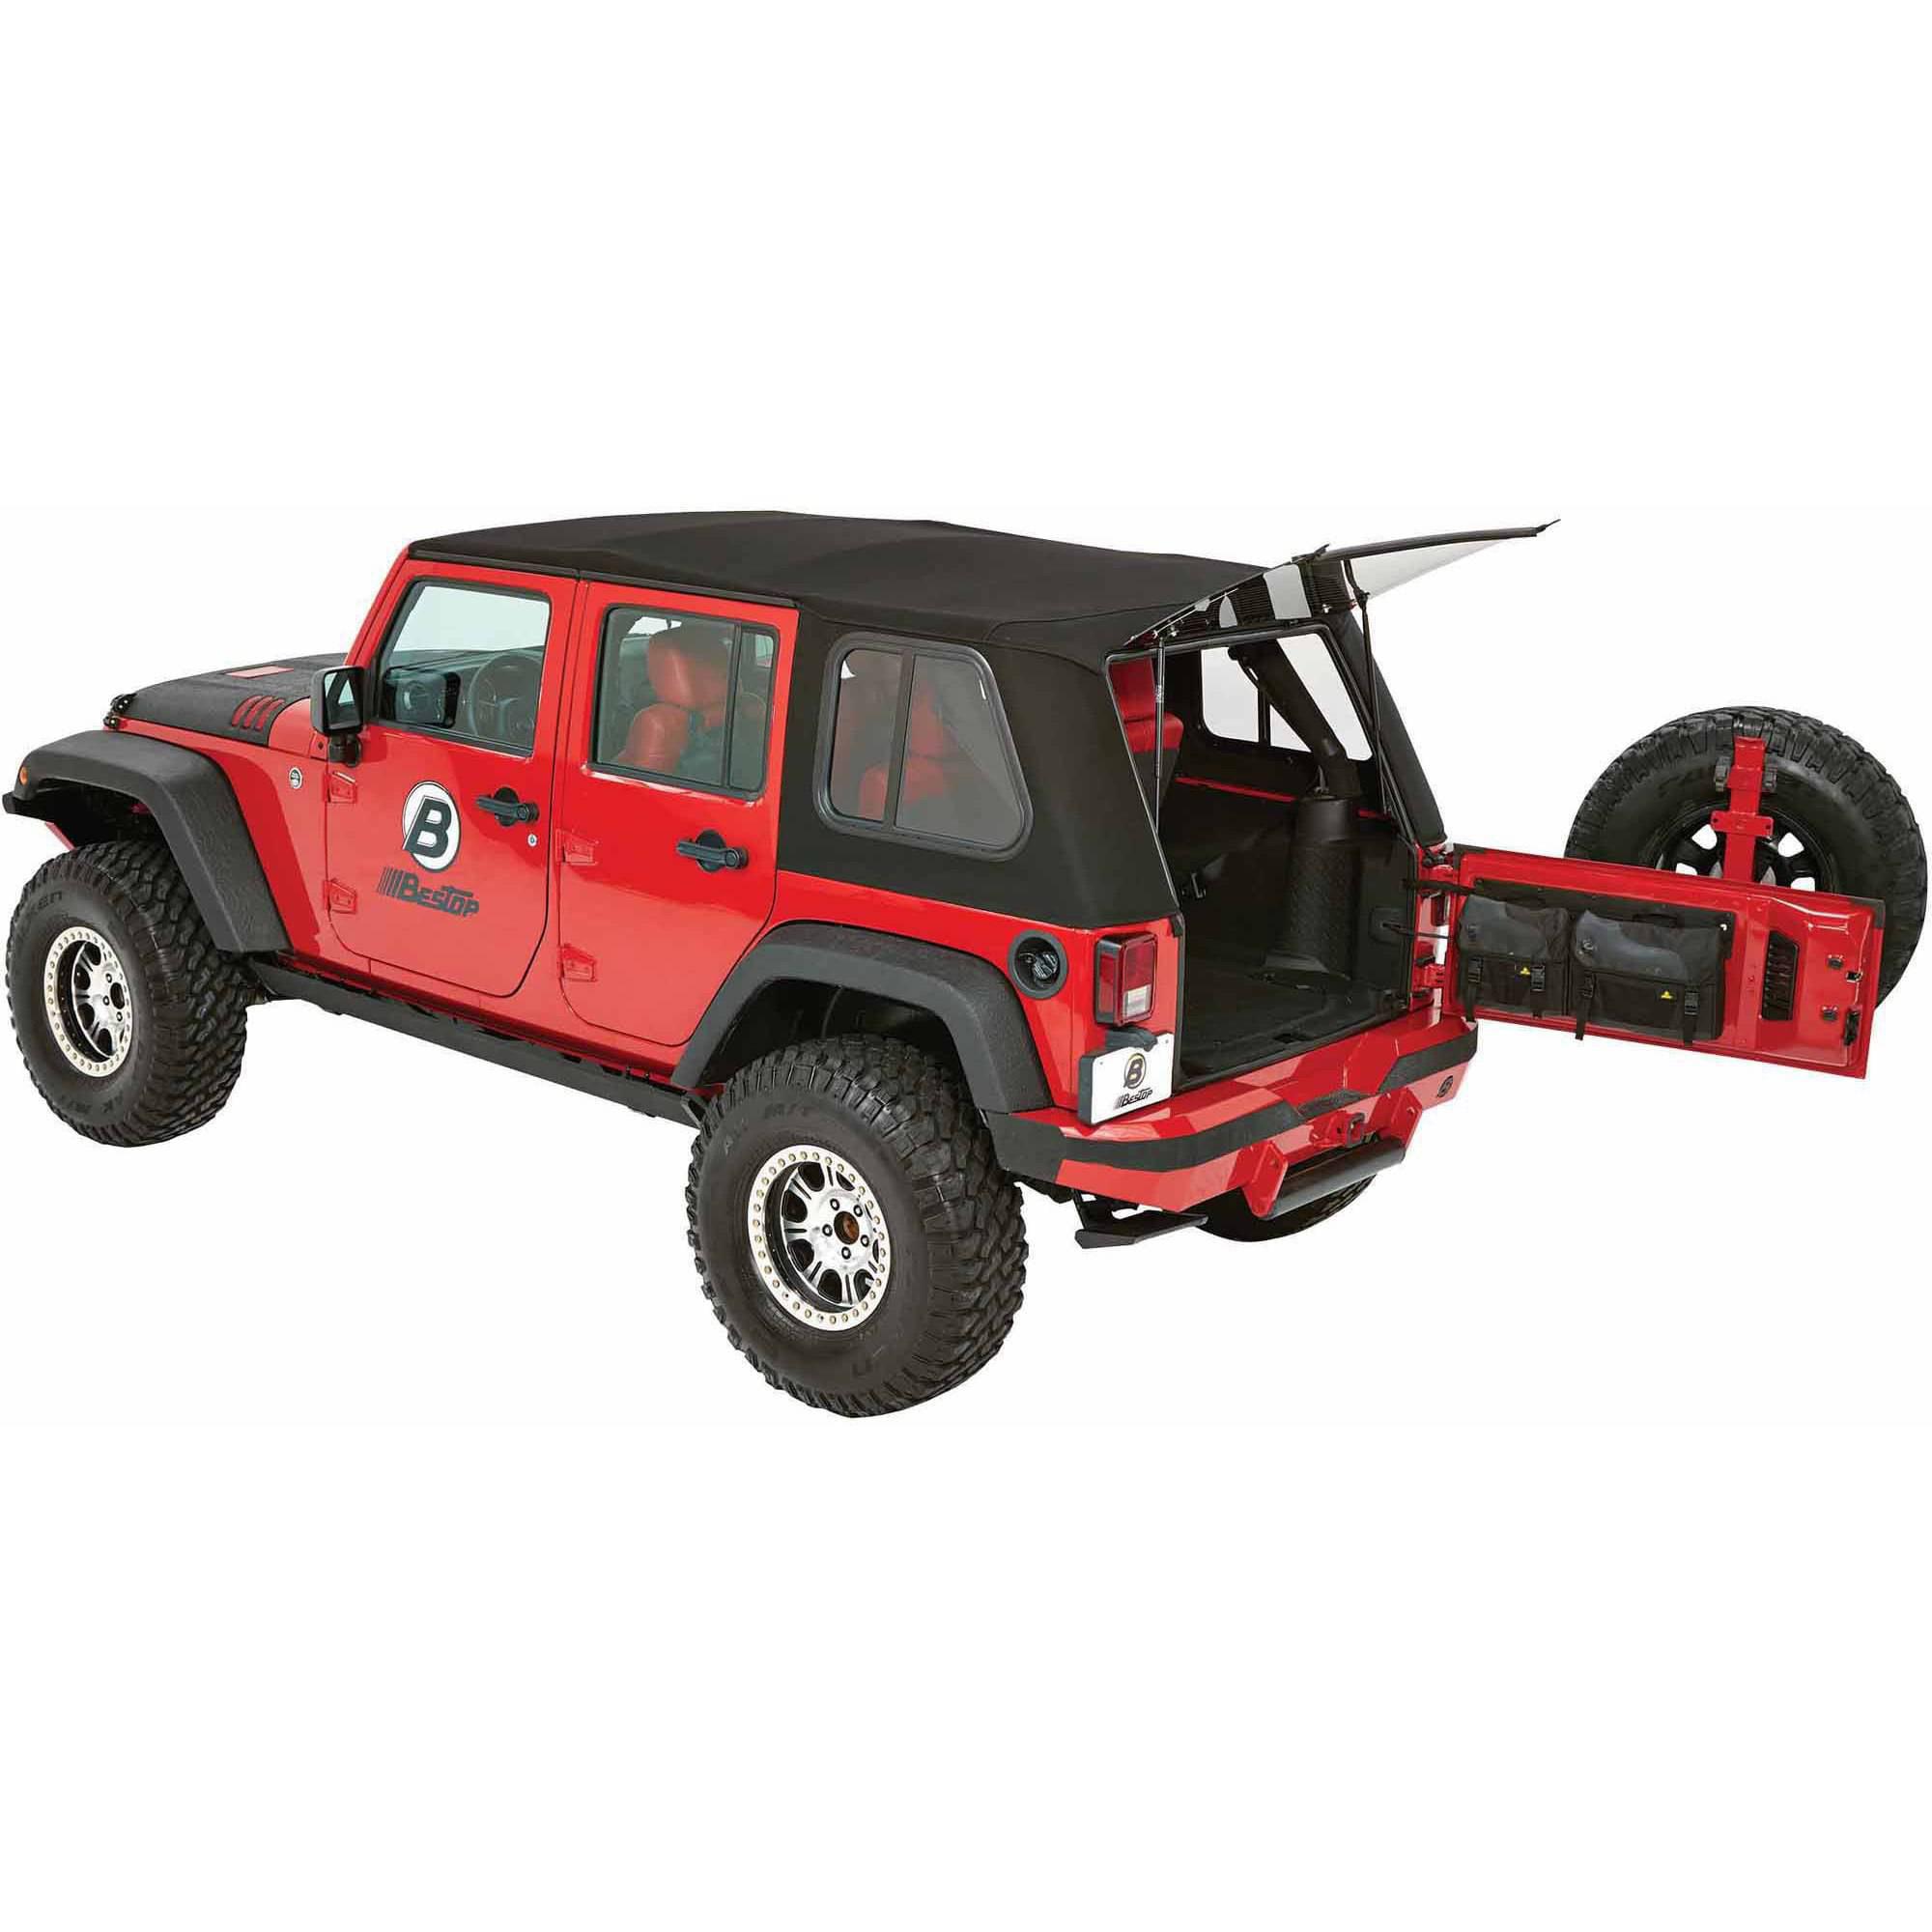 BESTOP 54853-17 Wrangler Unlimited Sliding Side Panels, G...